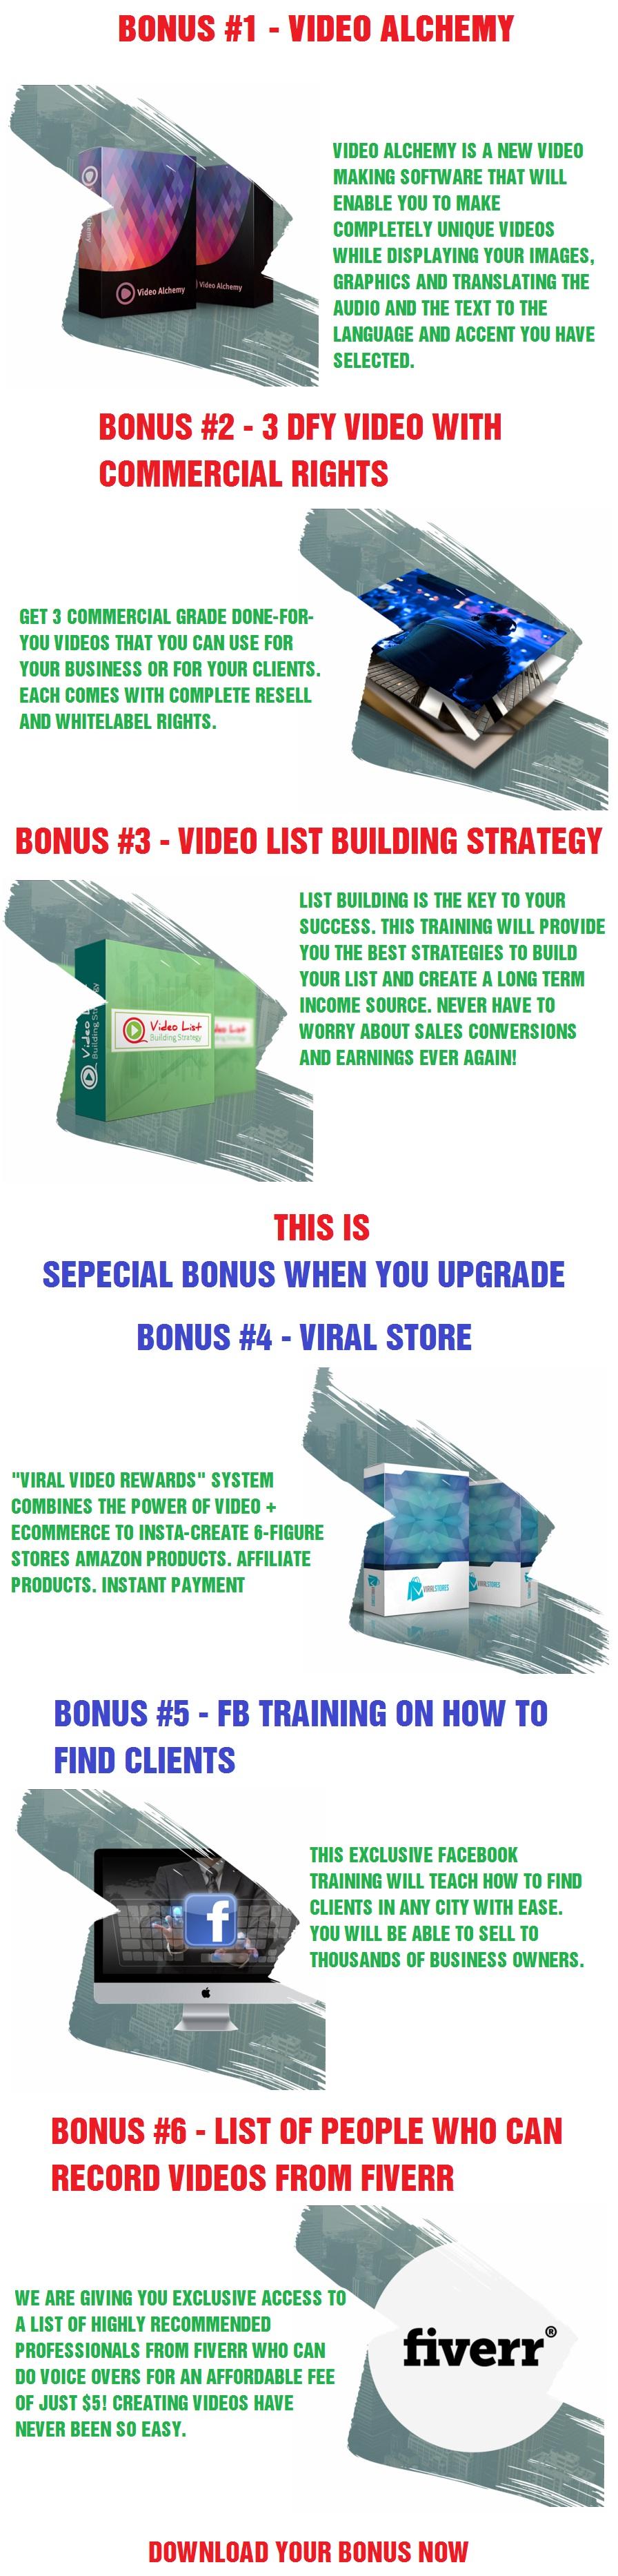 VidPush Bonus